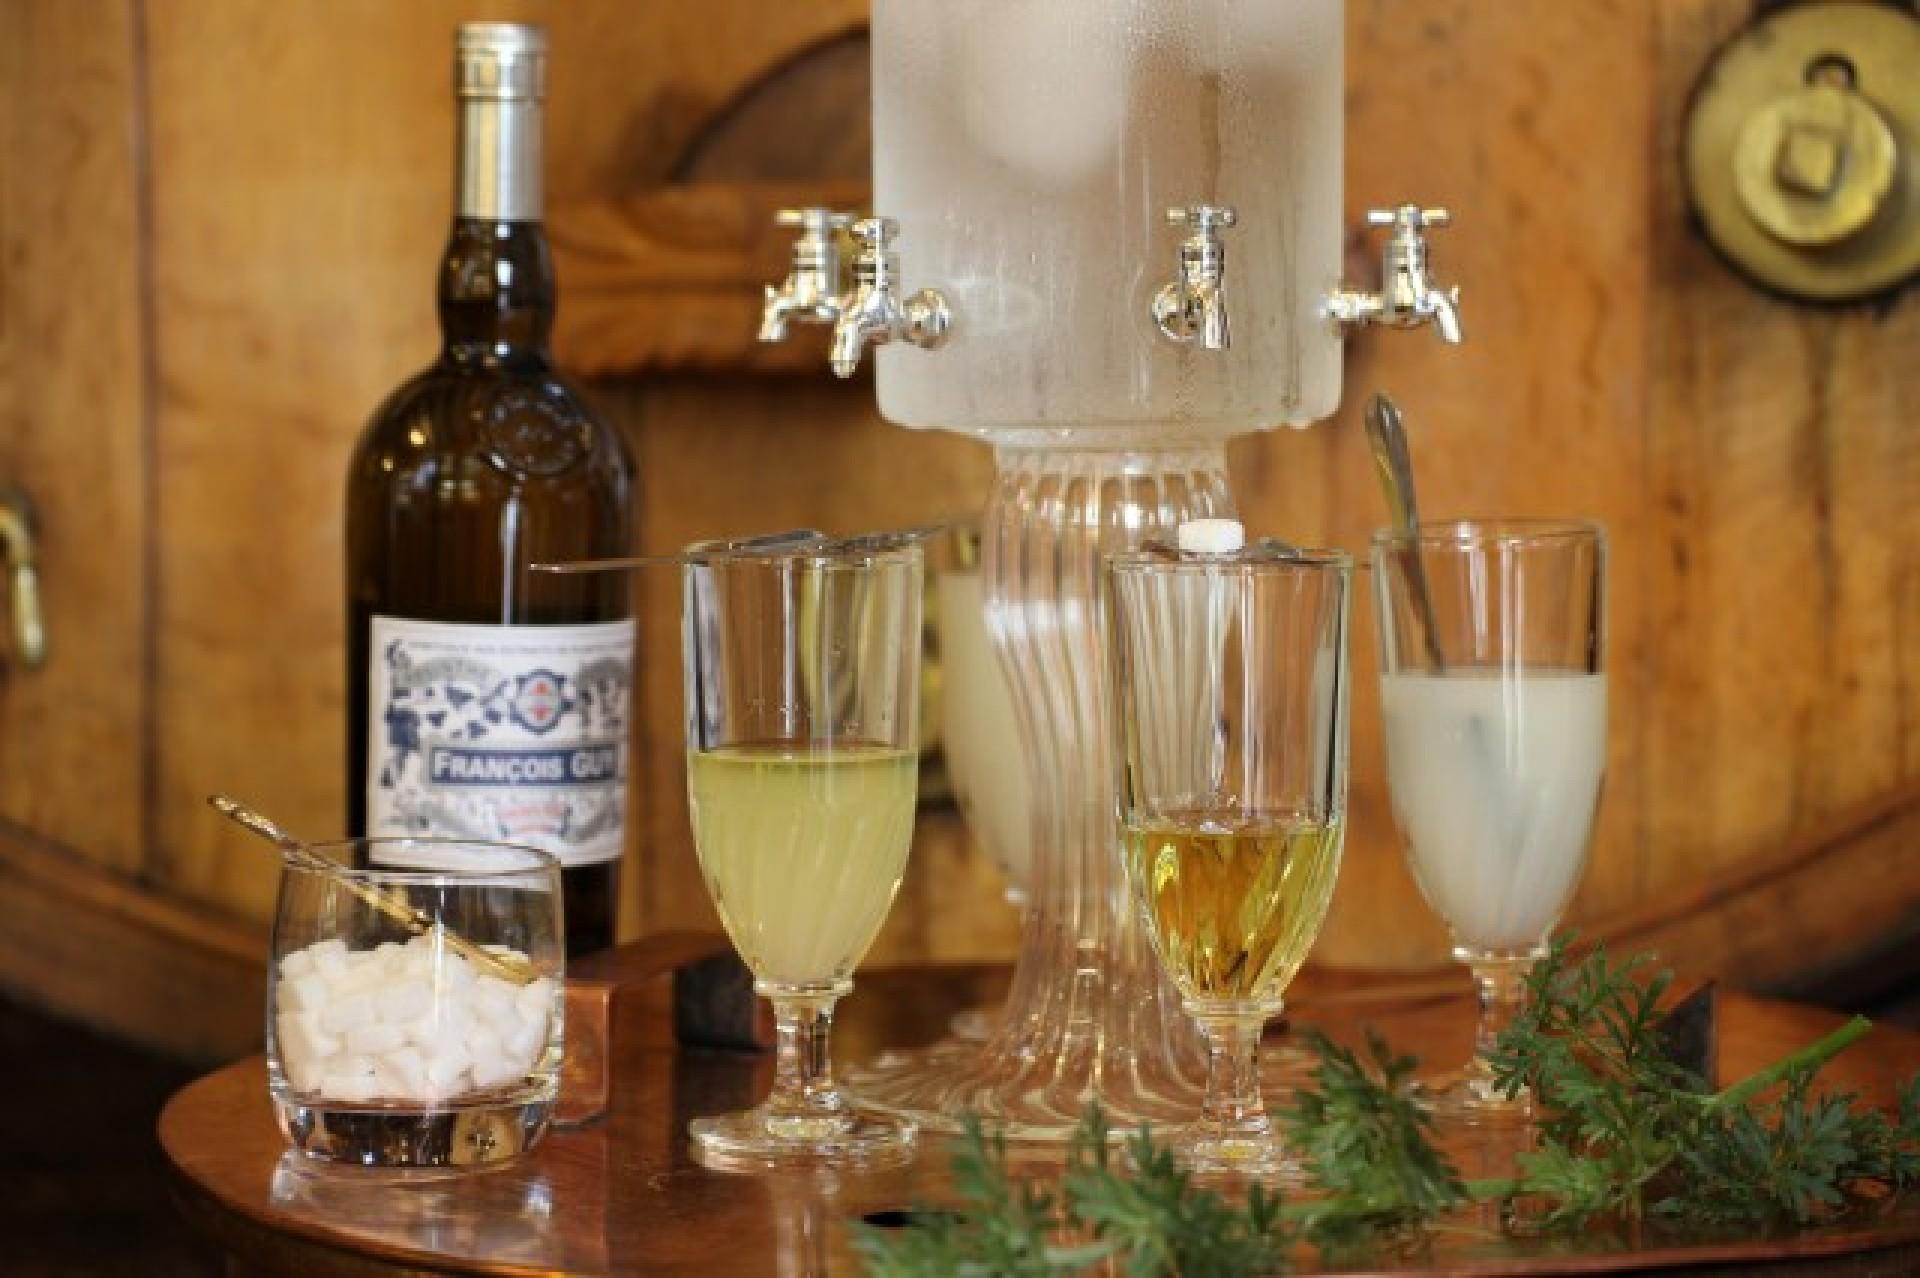 ... cherchent un abri dans le Morvan ... nous contacter ... Fontaine-absinthe.-111800-1920x0